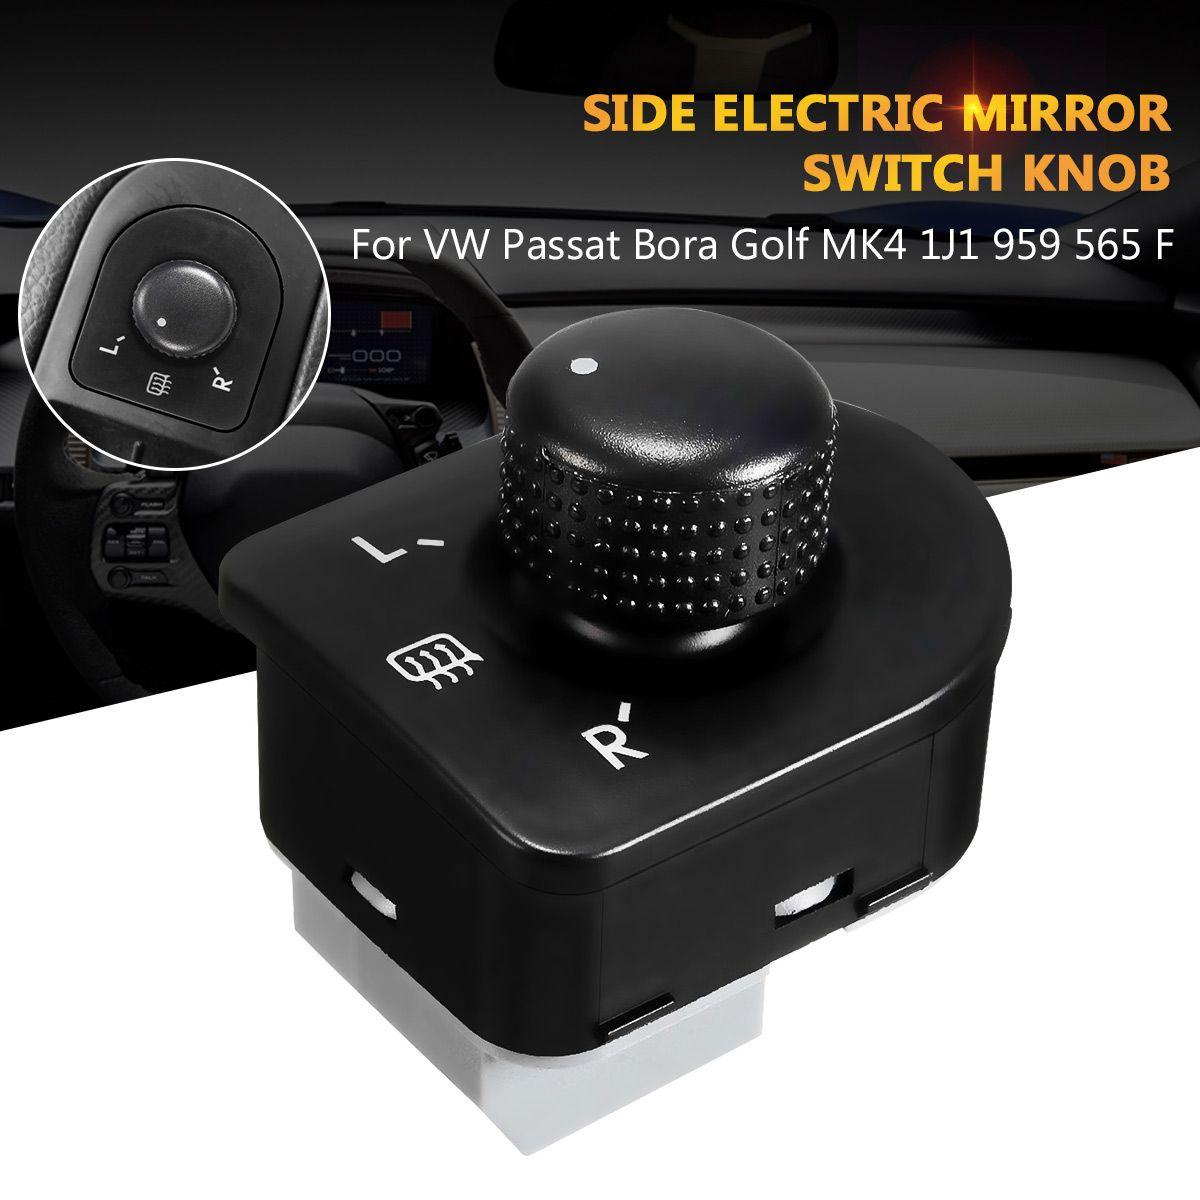 1 stück Left Side Control Master Einstellen Knob Seite Spiegel Schalter Taste Für VW Jetta Golf Mk4 Beetle Bora Passat 1J1959565F 1998-2006